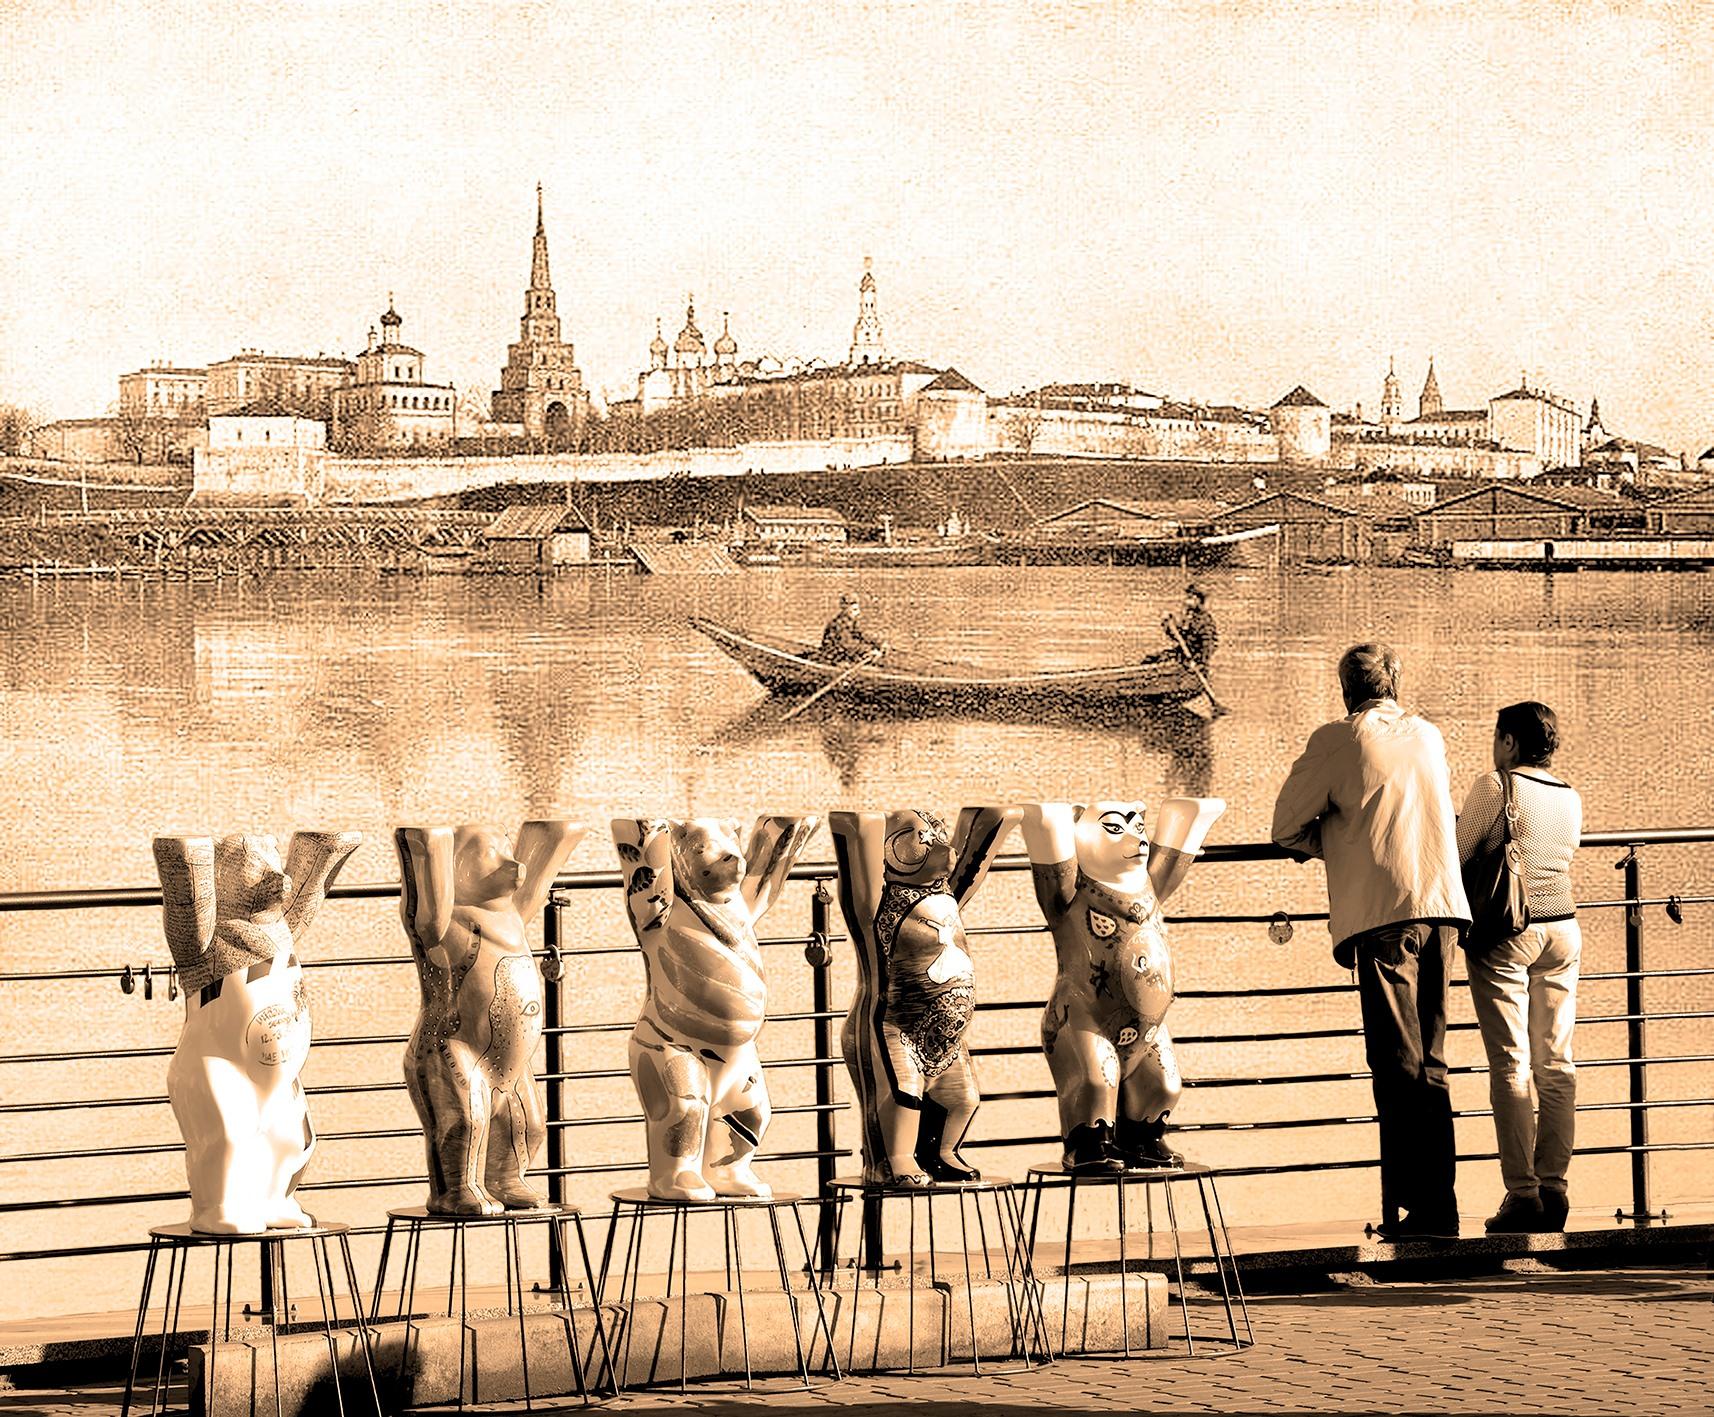 Фото: Рустам Мухаметзянов